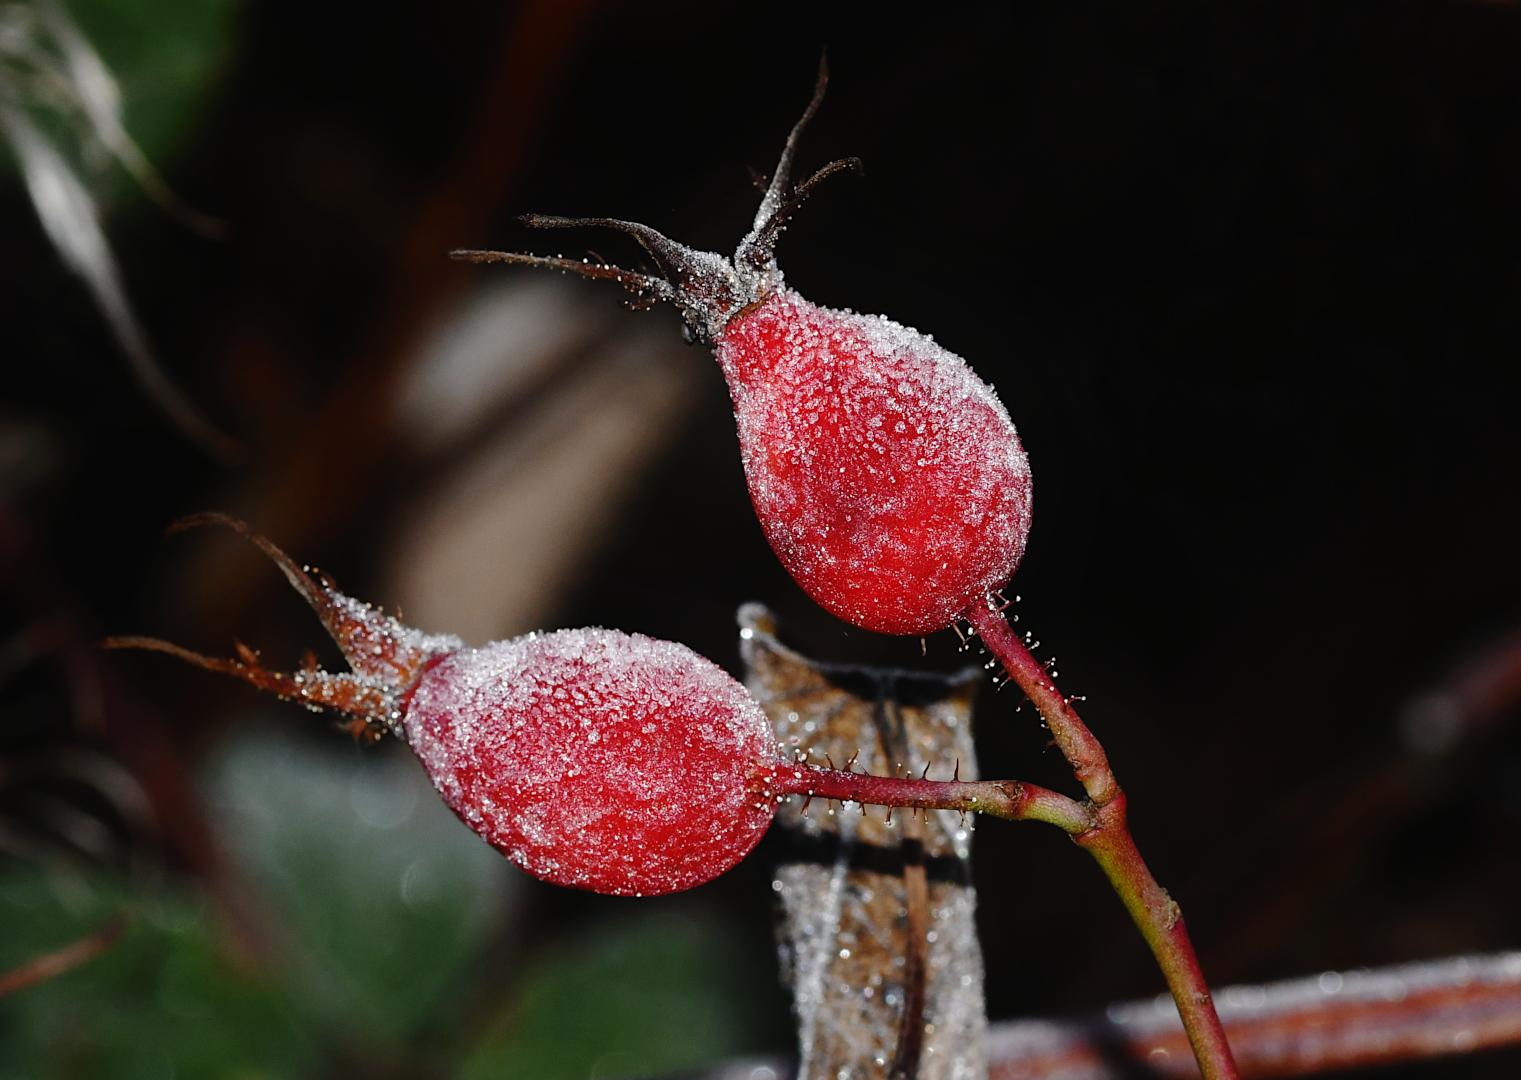 Zwei konservierte rote Früchtchen...